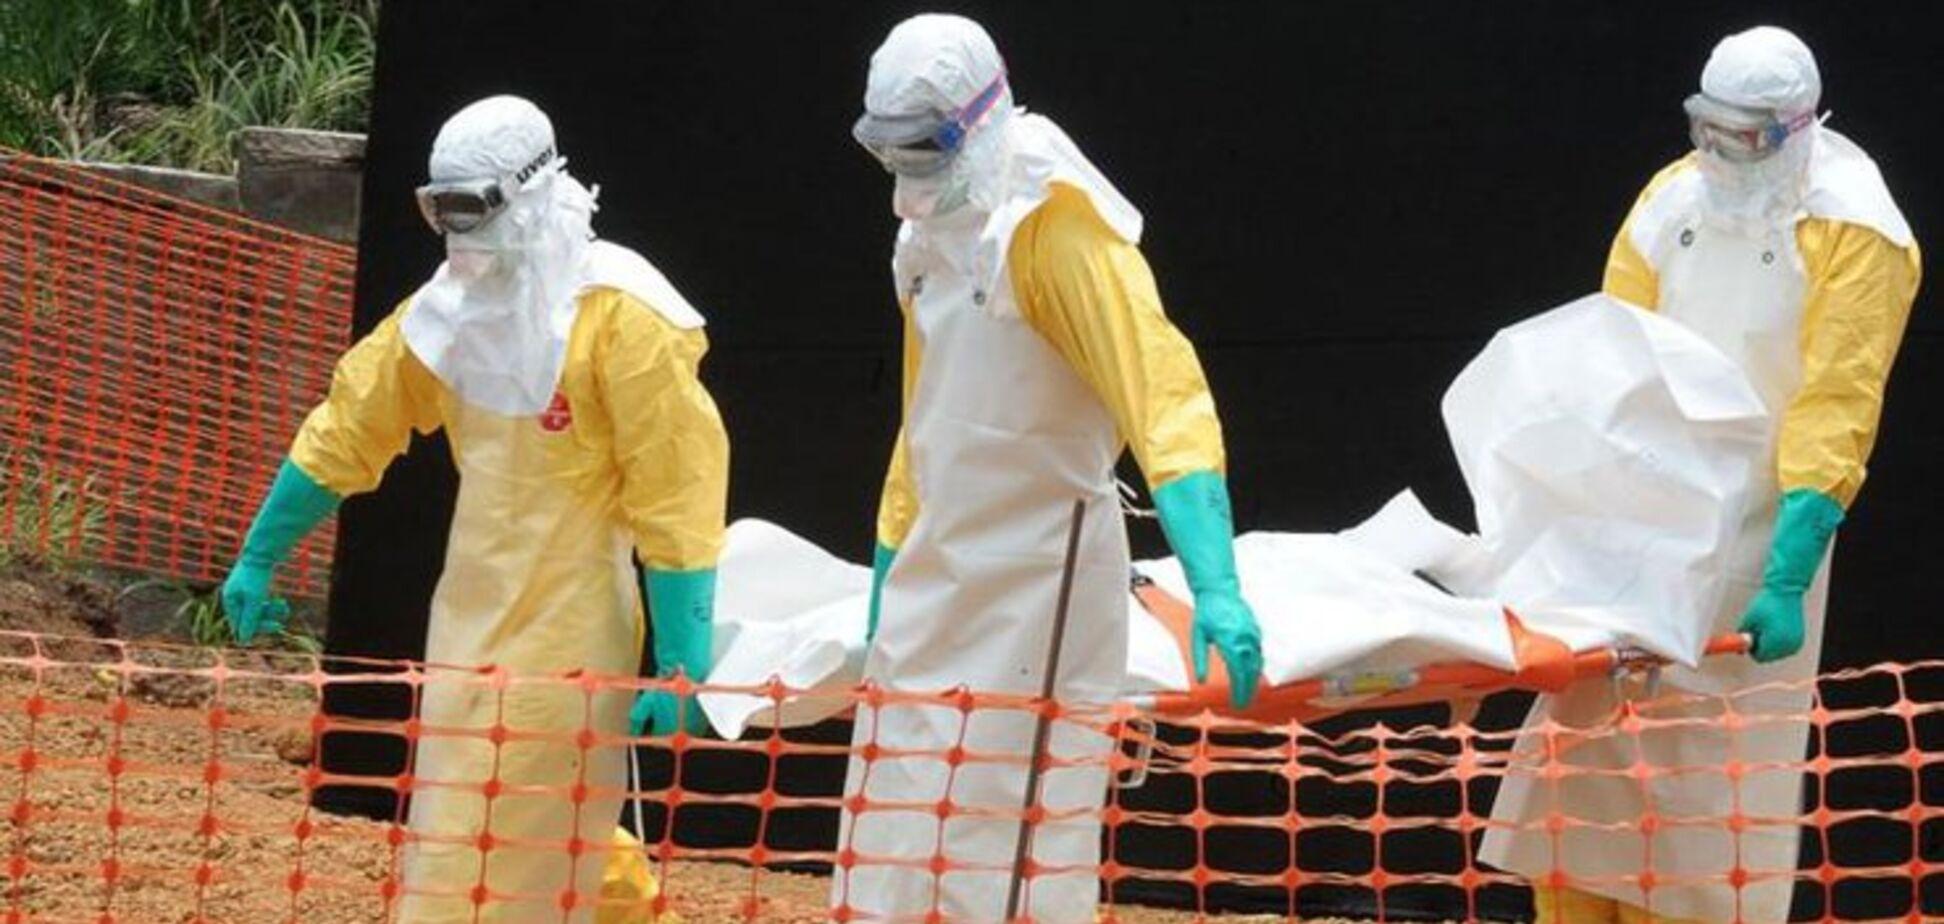 Найнебезпечніше сховище: вчені сказали, звідки почнеться суперпандемія на Землі